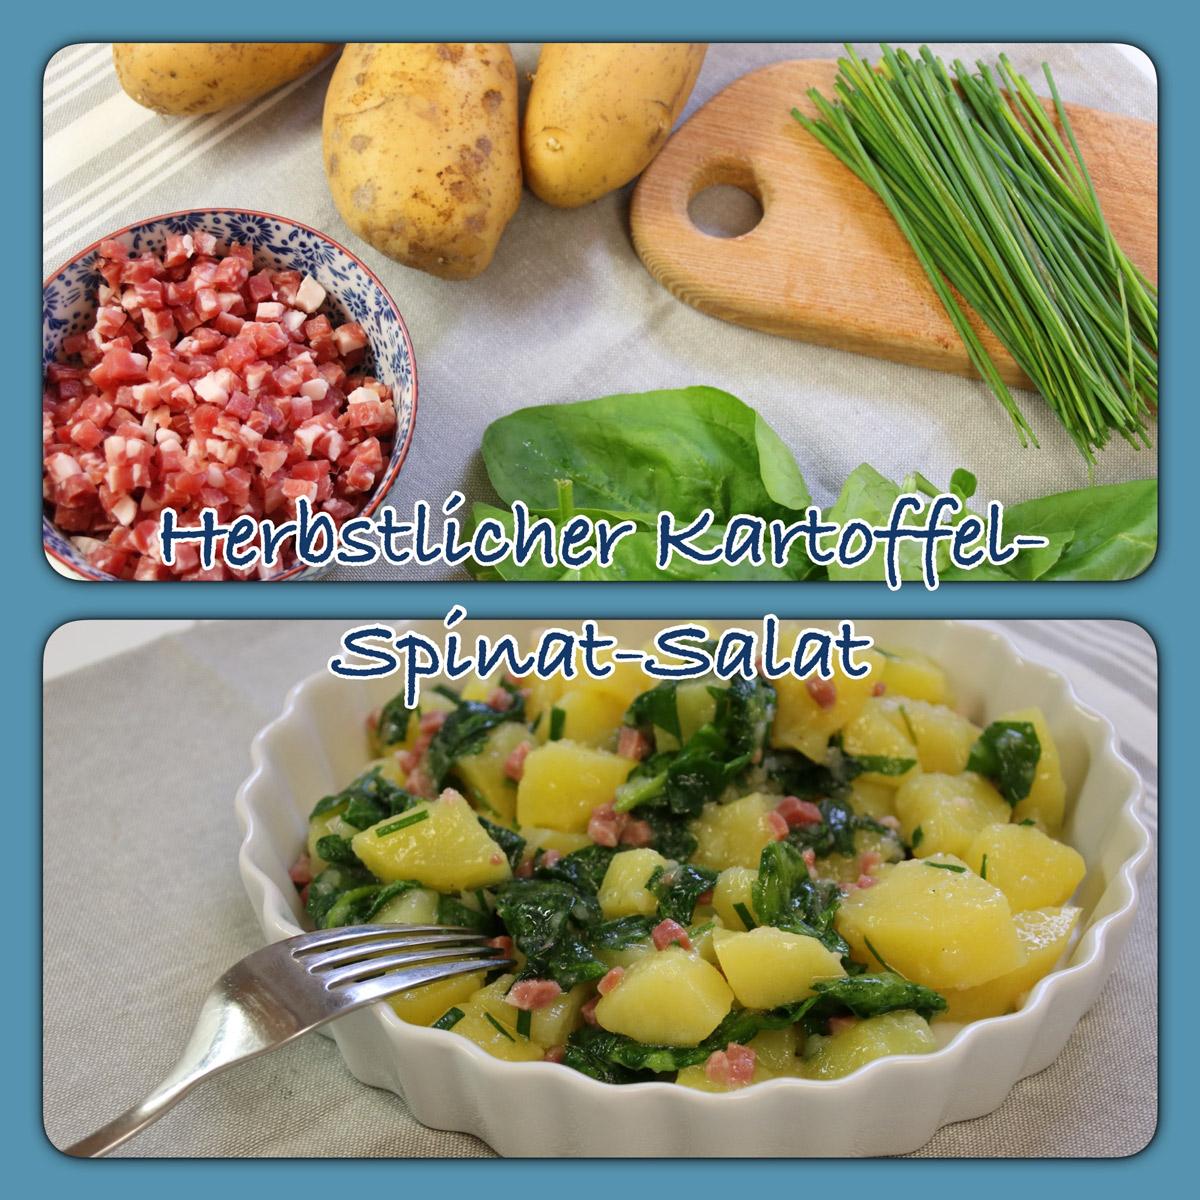 Rezept für Kartoffelsalat mit Spinat, mit ganzen Pellkartoffeln, Kartoffel-Spinat-Salat aus dem Thermomix, leckeres Salatrezept zum Grillen